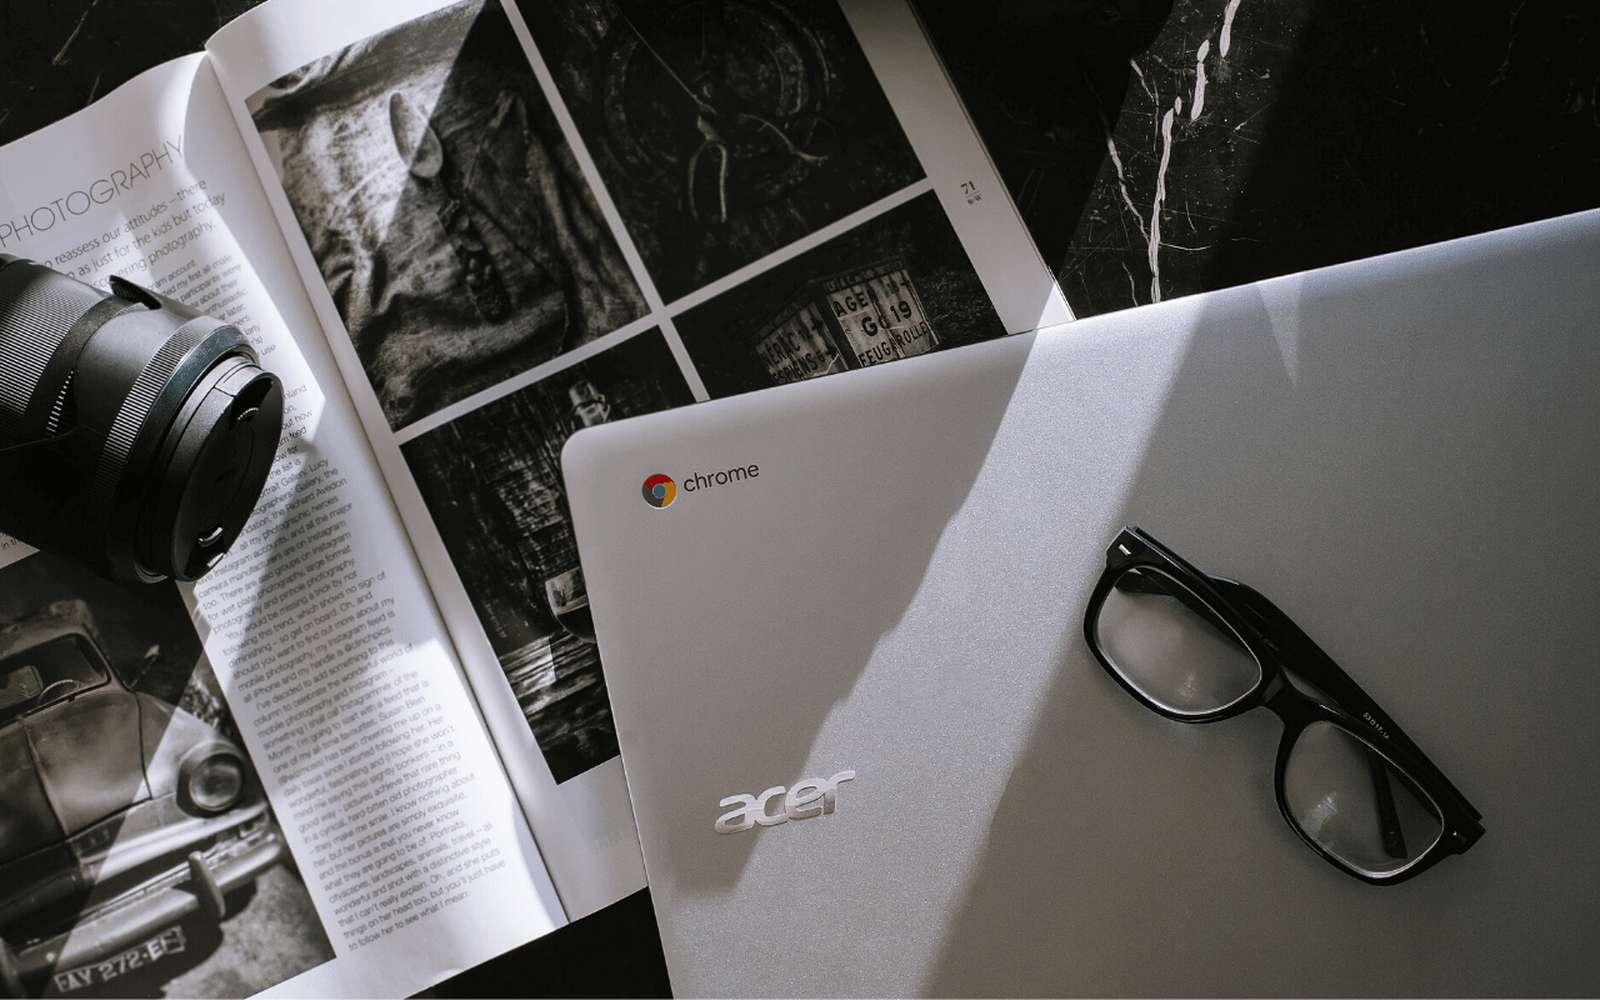 Les cinq bons plans du mois de mars pour les ordinateurs portables Acer. © Acer Store